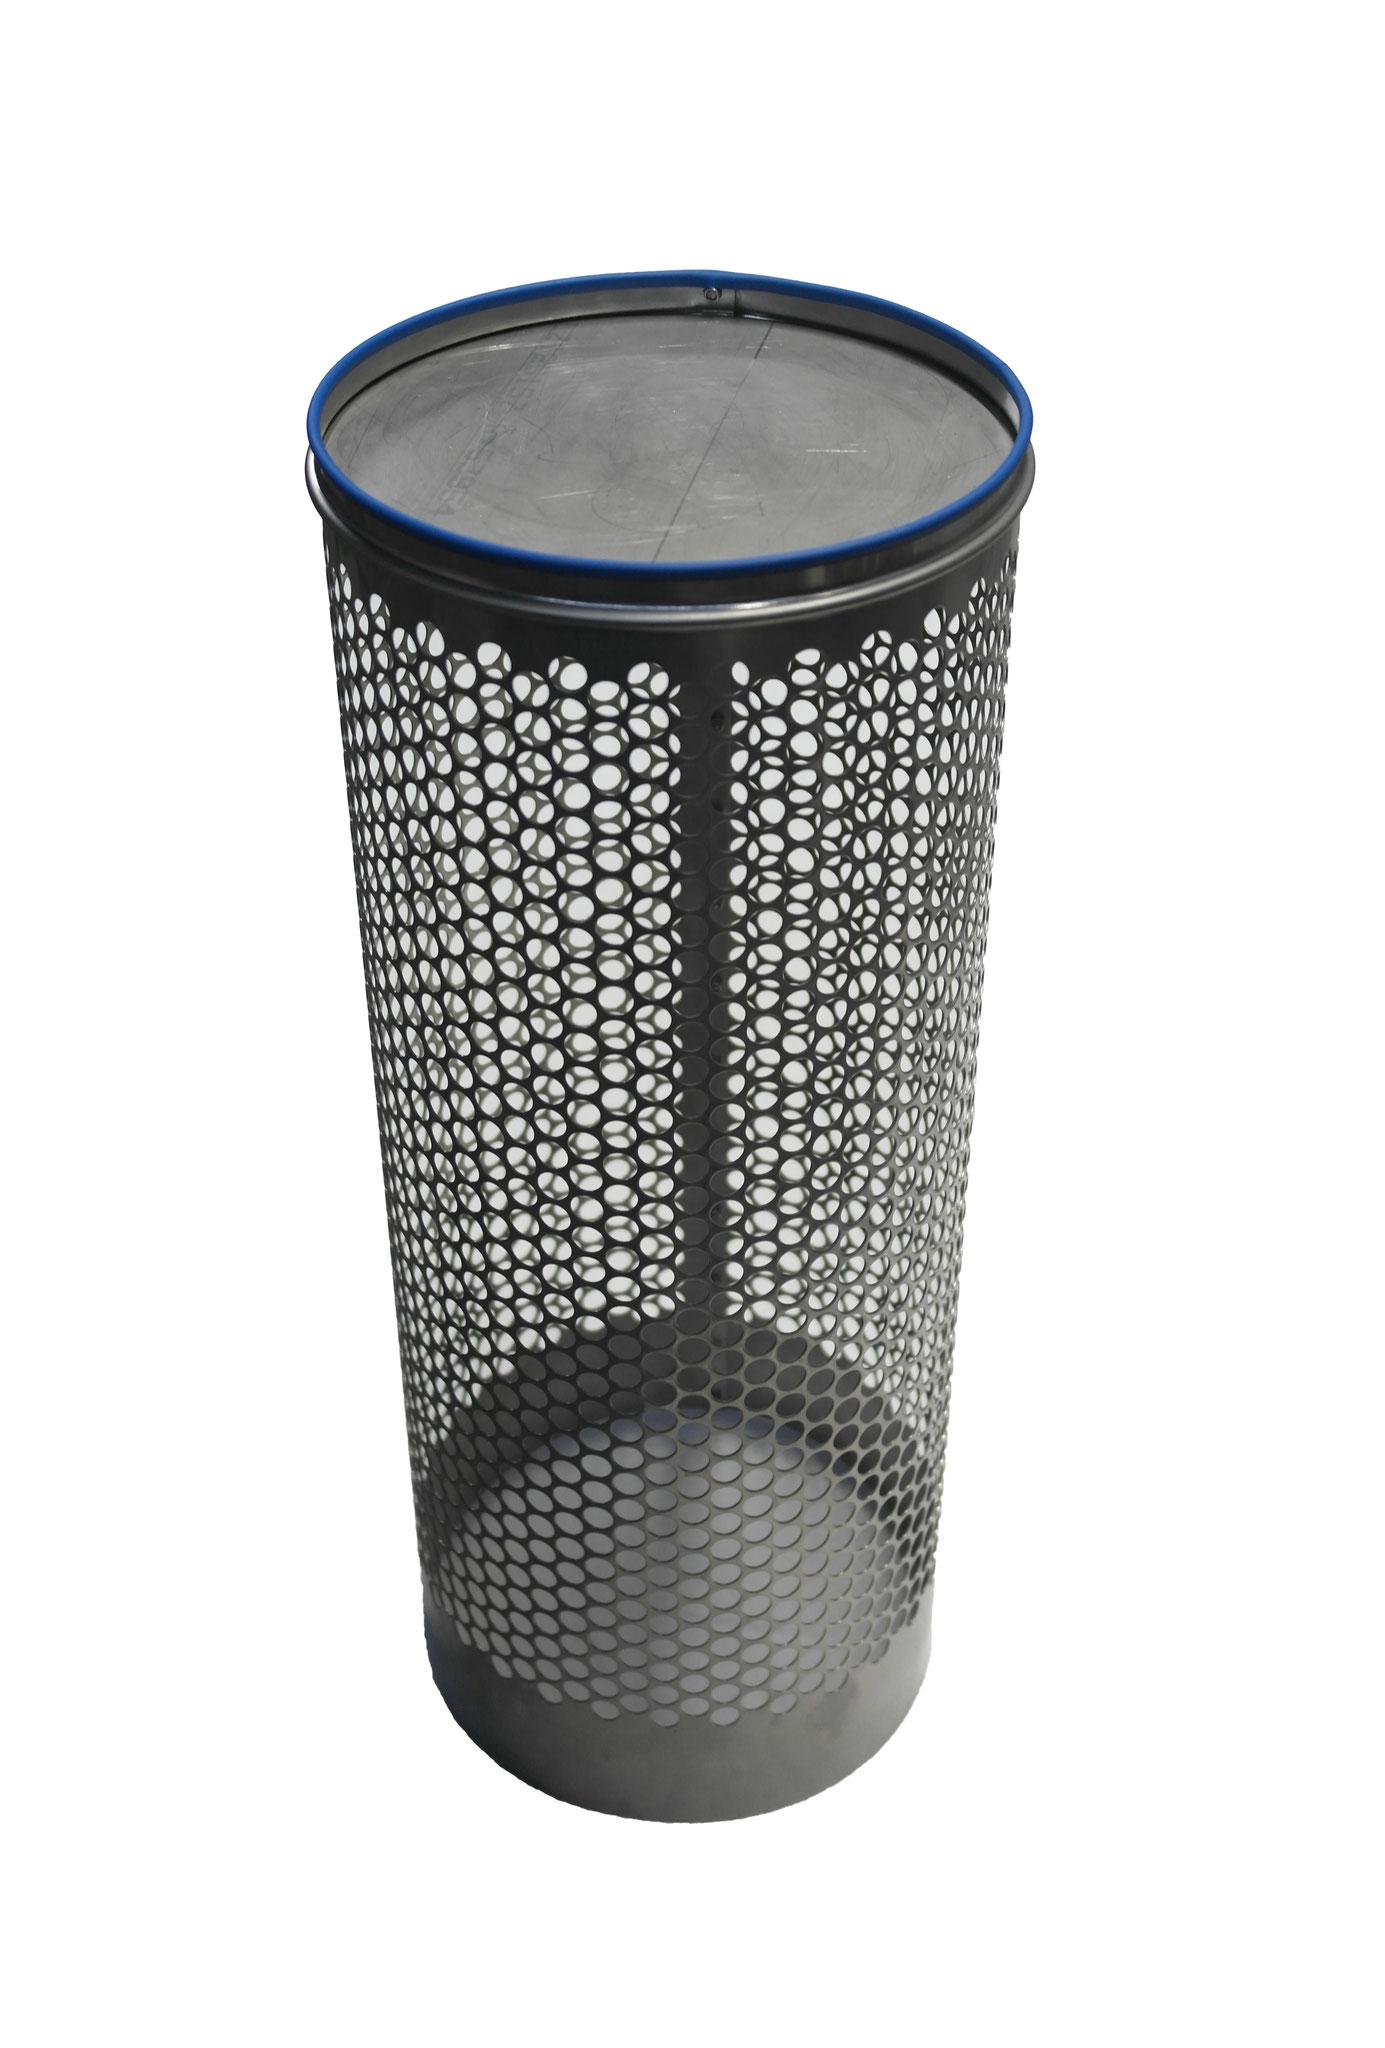 siebrohr f r 200er kg rohr dn 200 einseitig verschlossen filter und filterzubeh r f r ihren. Black Bedroom Furniture Sets. Home Design Ideas